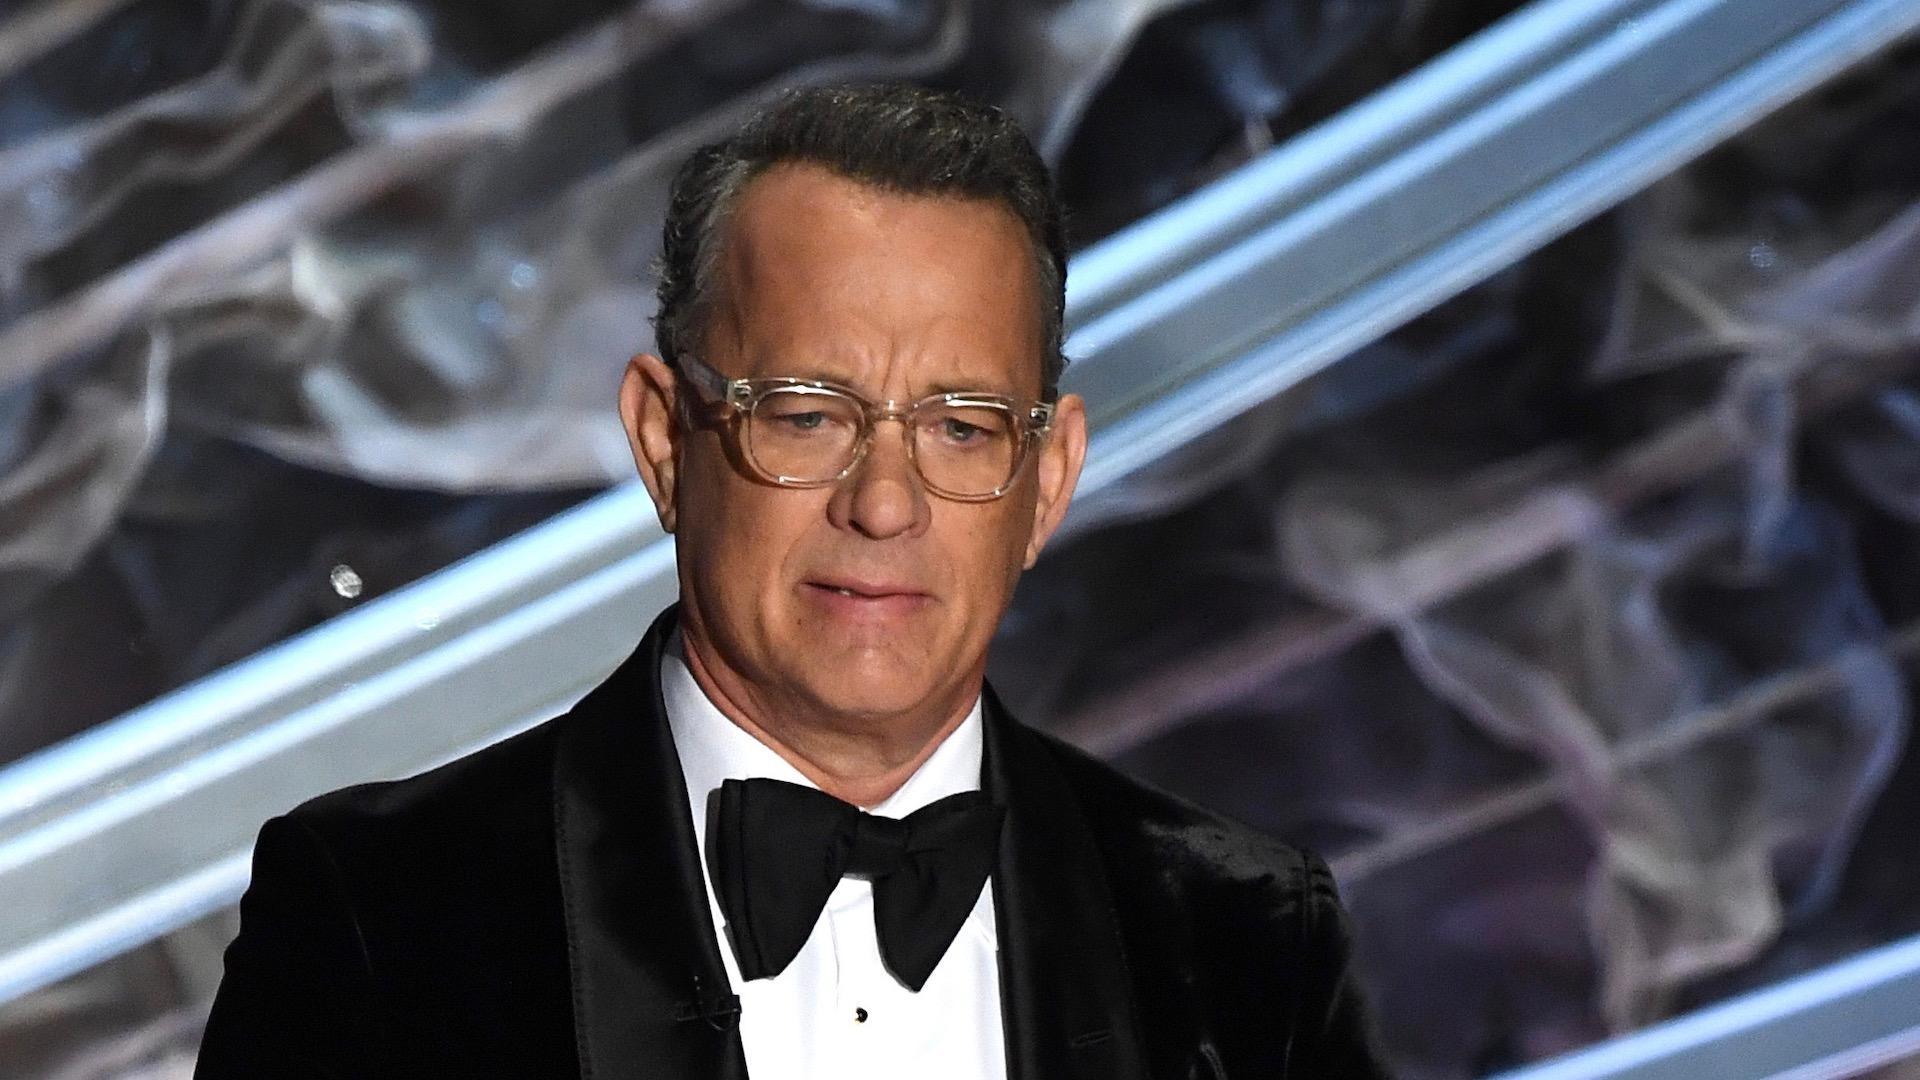 Tom Hanks Donates His Blood to Coronavirus Vaccine Development